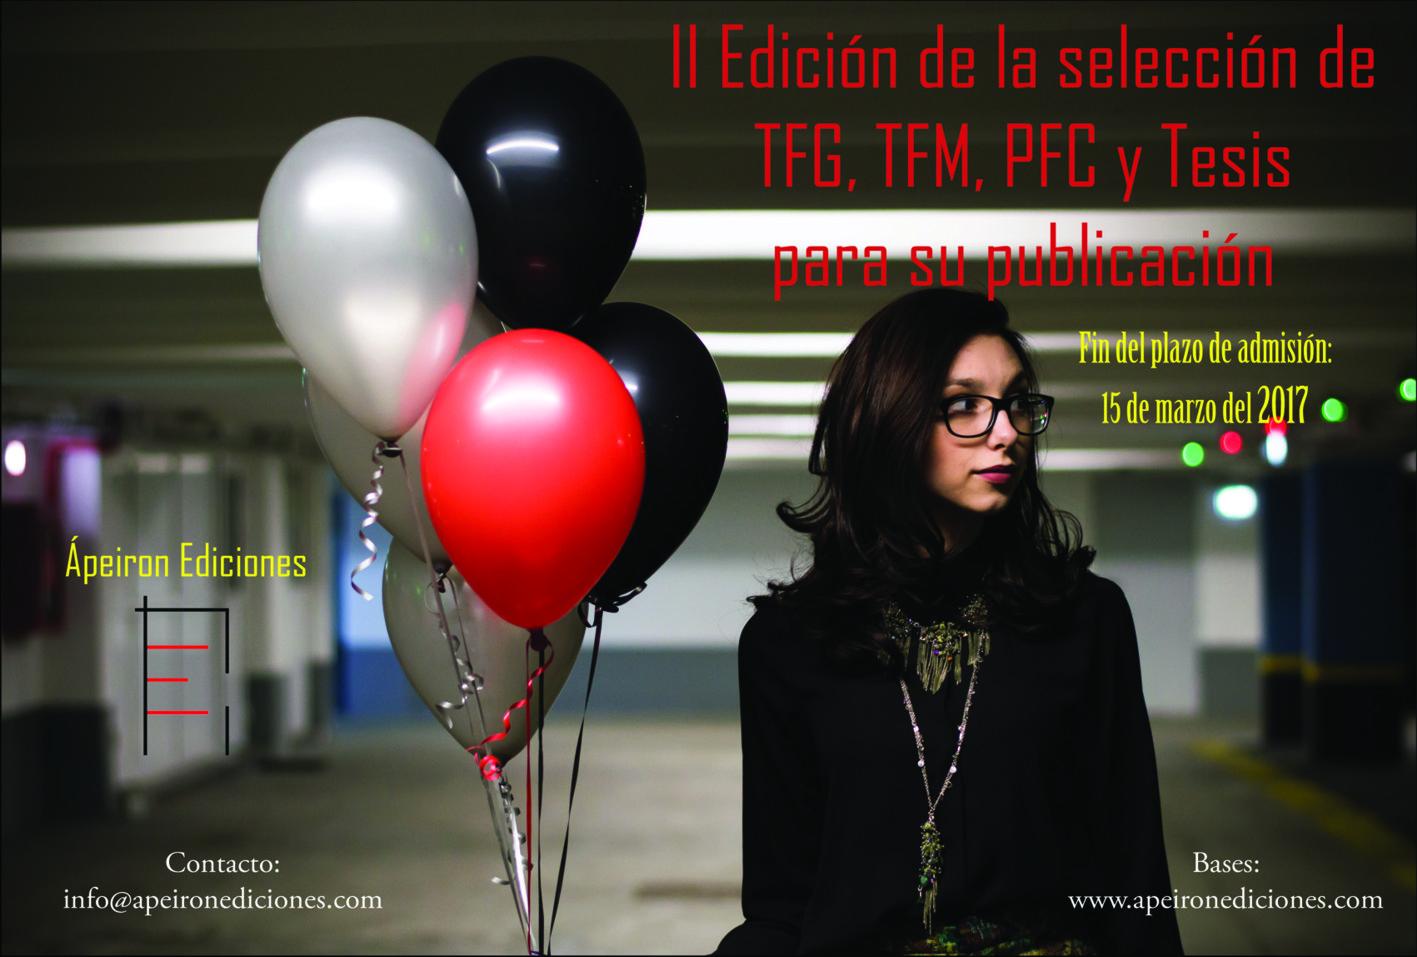 ii-edicion-de-la-seleccion-de-trabajos-academicos-apeiron-ediciones